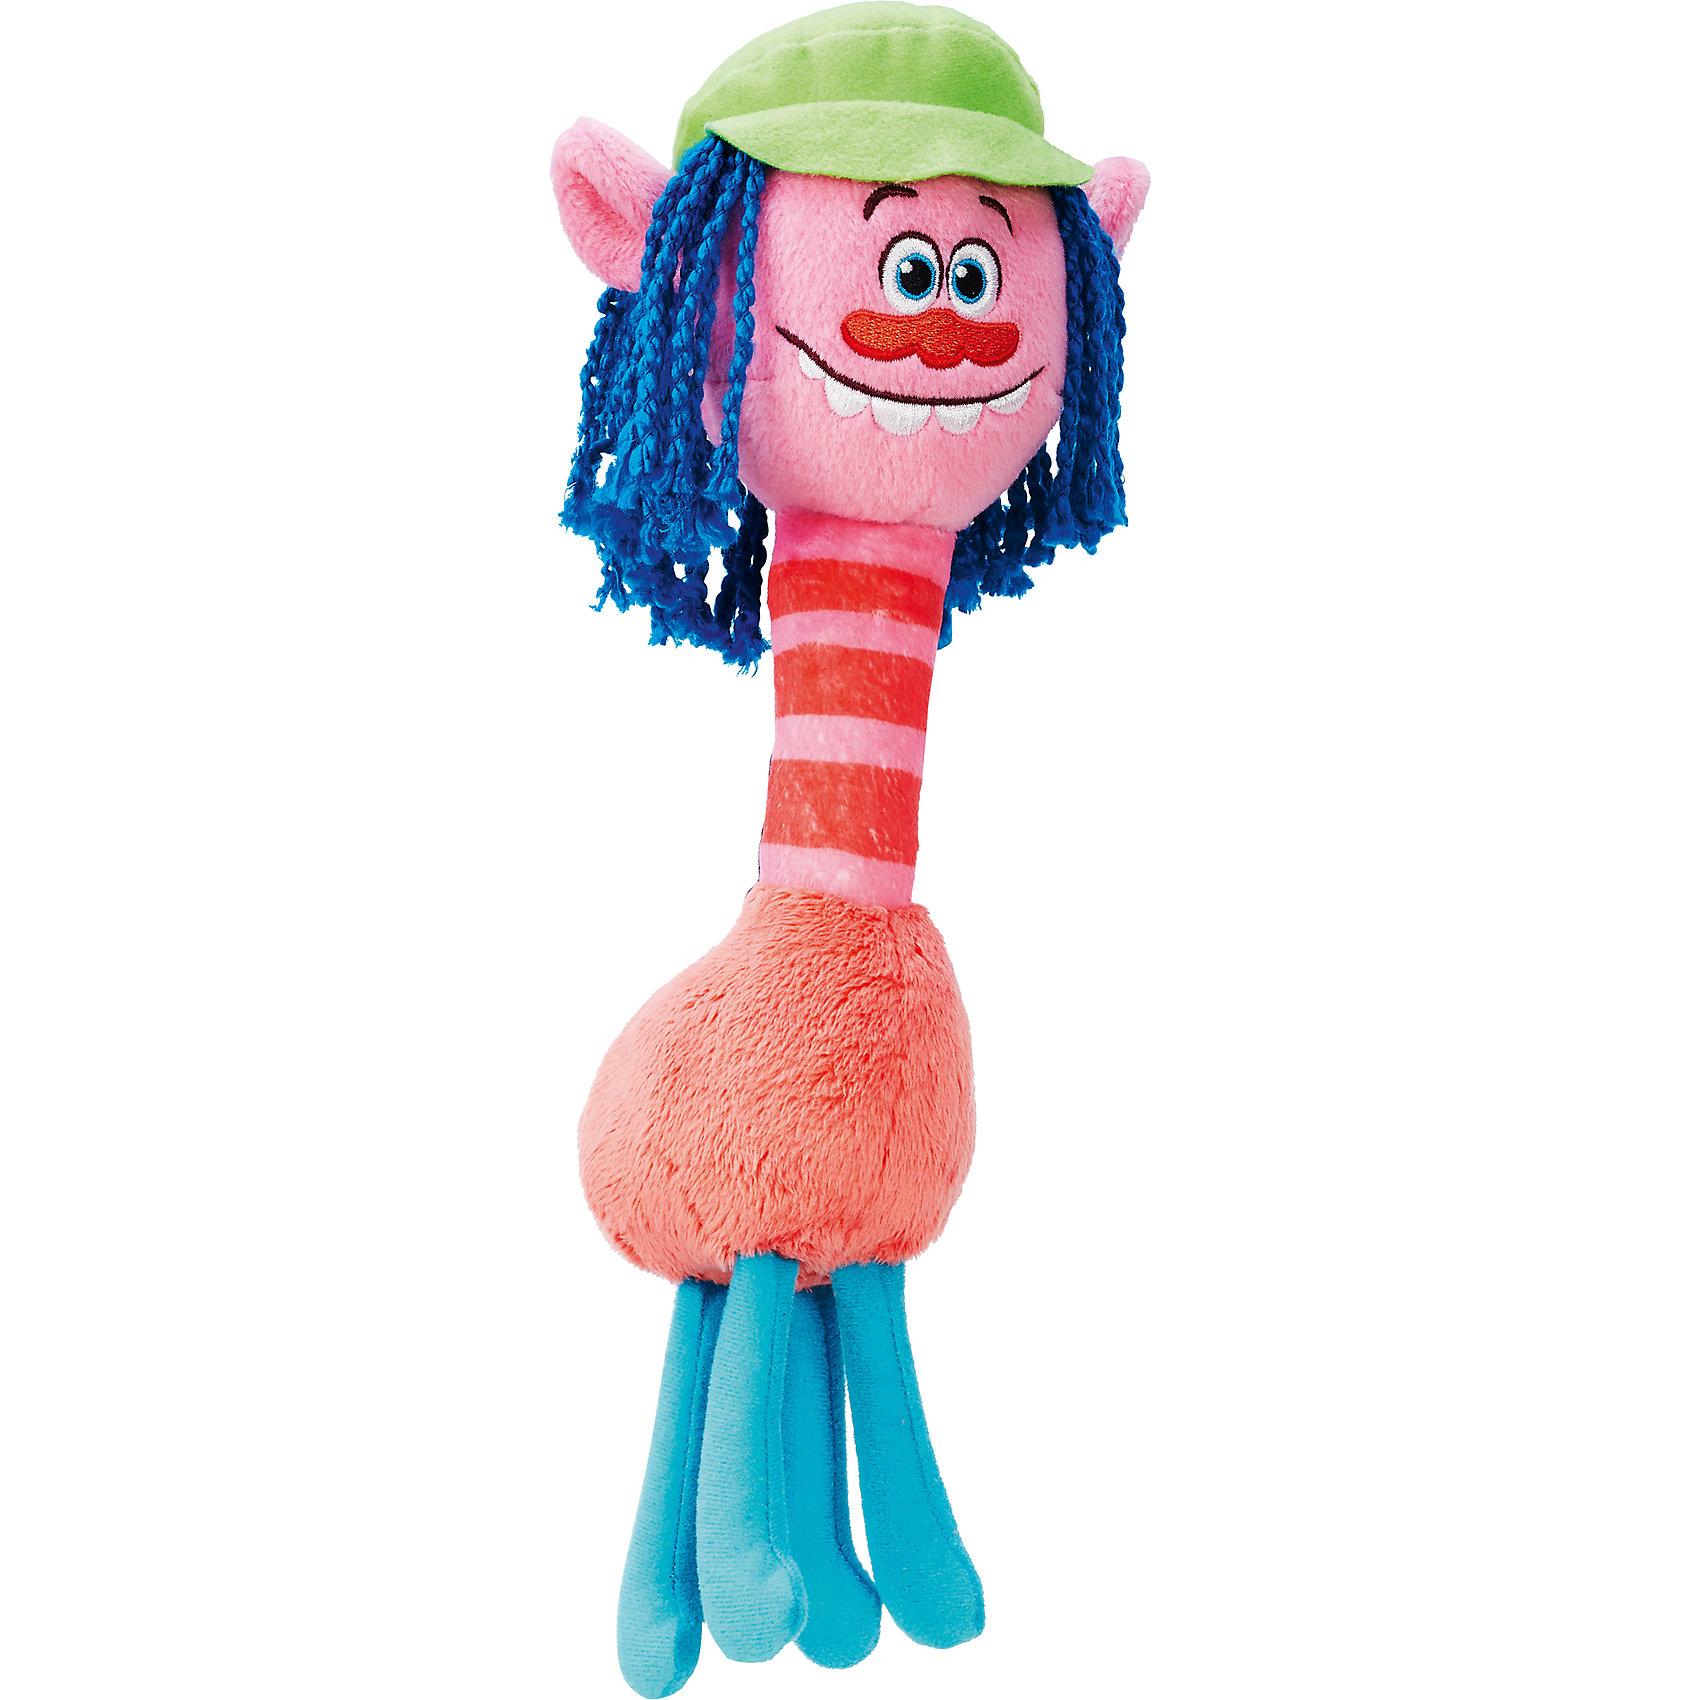 Мягкая игрушка Купер, ТроллиЛюбимые герои<br>Тролли из плюша – Купер.<br><br>Характеристики:<br><br>• Комплект: фигурка тролля.<br>• Материал: плюш.<br>• Размер игрушки – 28 см.<br><br>Тролли из плюша от торговой марки Hasbro созданы по мотивам известного мультипликационного фильма  Trolls.  Милые крошечные существа живут в чудесном мире танцев, песен и обнимашек. У них очаровательные мордашки с круглыми глазками и разноцветные яркие волосы. Тролль Купер очень забавный персонаж. По форме тело его напоминает жирафа. Мягкий тролль-весельчак выполнен в красном, розовом и голубом цветах. Его настроение передают его веселые голубые глаза, милый красный носик и широкая улыбка, которая позволяет увидеть его белые зубы. Длинные ярко-синие волосы напоминают плетеные веревочки. Голова покрыта зеленой кепкой, из-под которой торчат розовые ушки. Длинная шея тролля в красно-розовую полоску переходит в приятное на ощупь красное туловище.  Игрушка выполнена из качественных материалов - текстиля и плюша. Собери всю коллекцию троллей!<br><br>Тролля из плюша – Купер, можно купить в нашем интернет - магазине.<br><br>Ширина мм: 70<br>Глубина мм: 165<br>Высота мм: 356<br>Вес г: 268<br>Возраст от месяцев: 48<br>Возраст до месяцев: 96<br>Пол: Унисекс<br>Возраст: Детский<br>SKU: 5177817